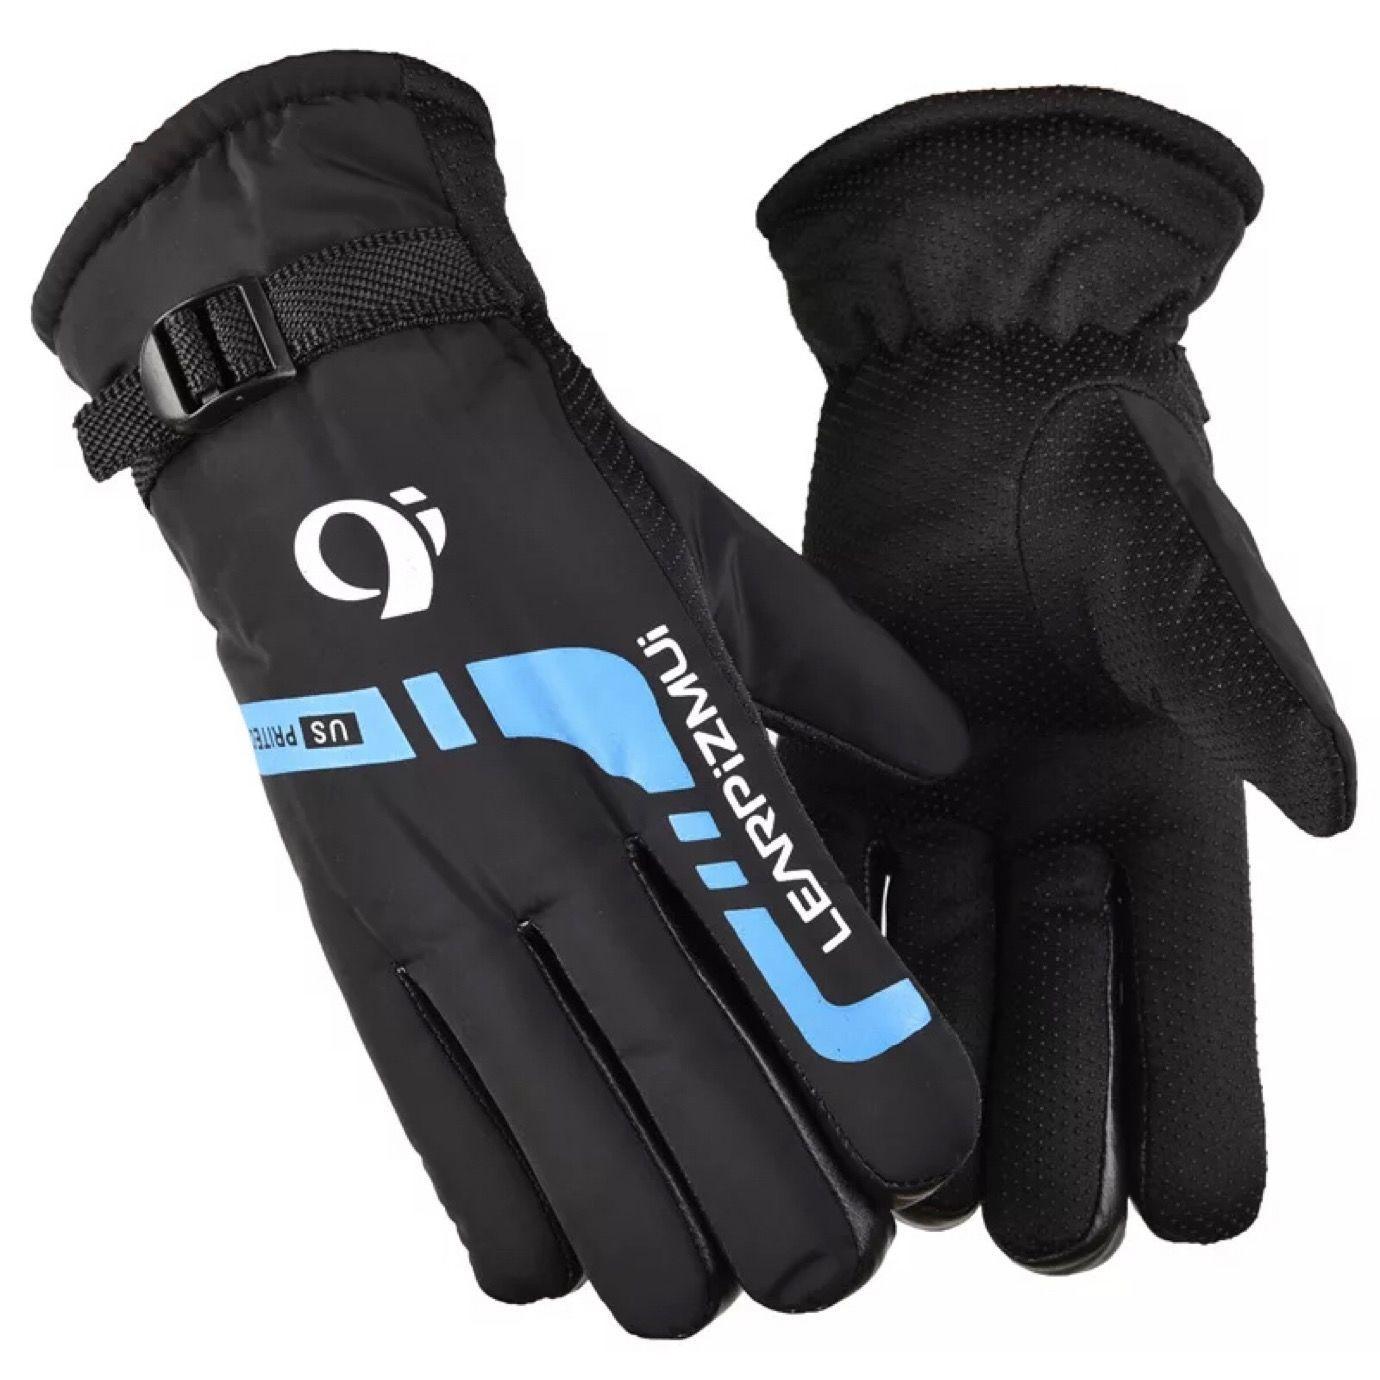 冬季加绒加厚保暖男士滑雪手套骑行防风寒棉手套摩托车手套